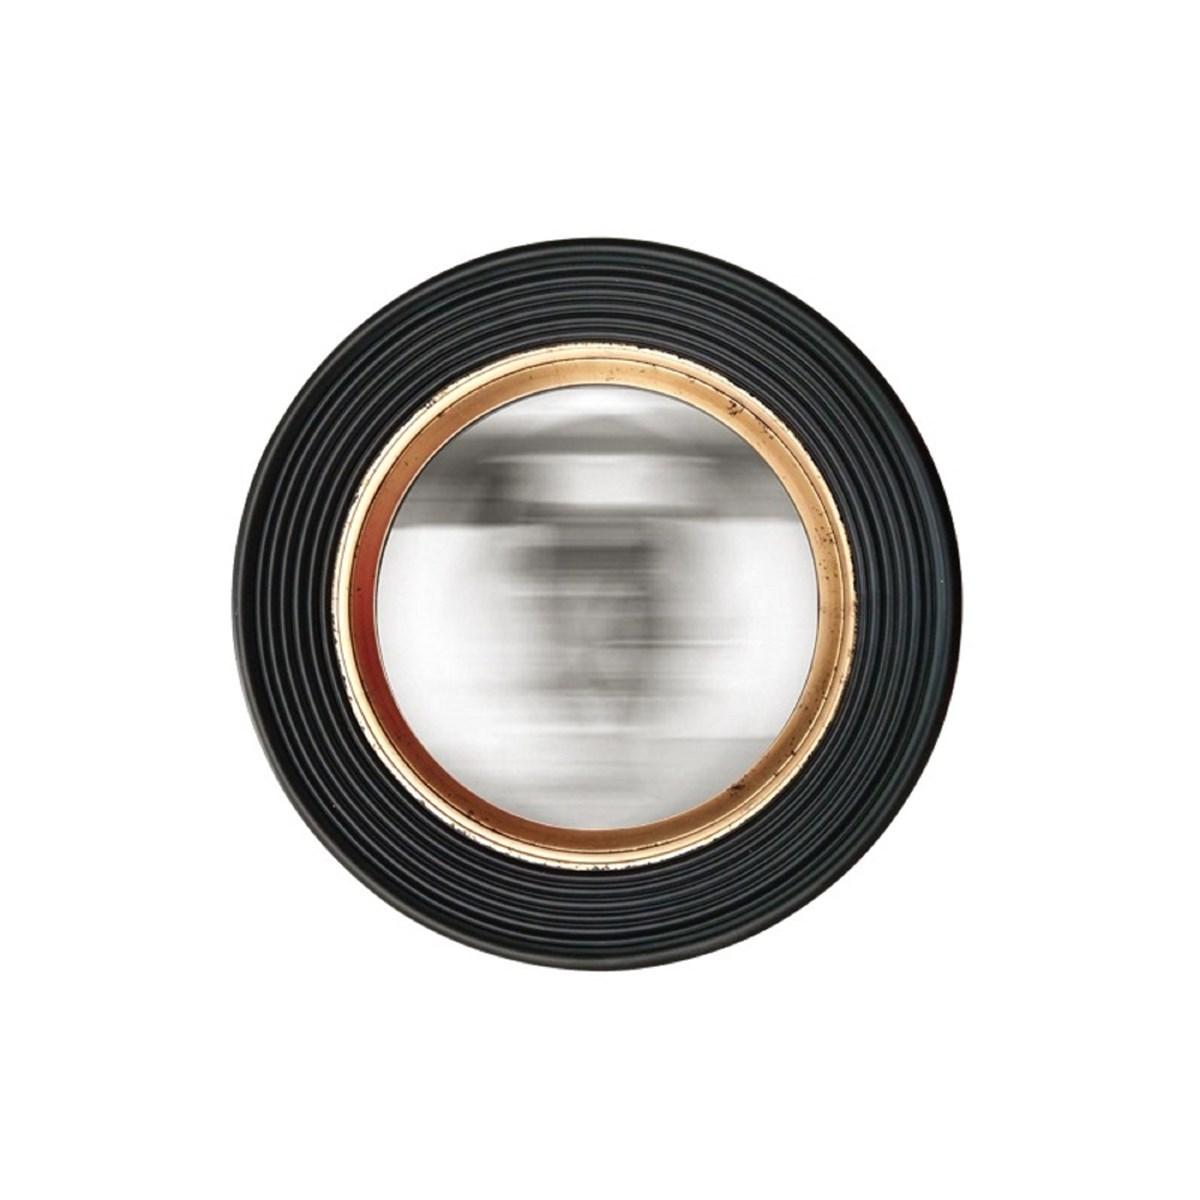 Miroir convexe noir et doré 38 cm en Résine Noir